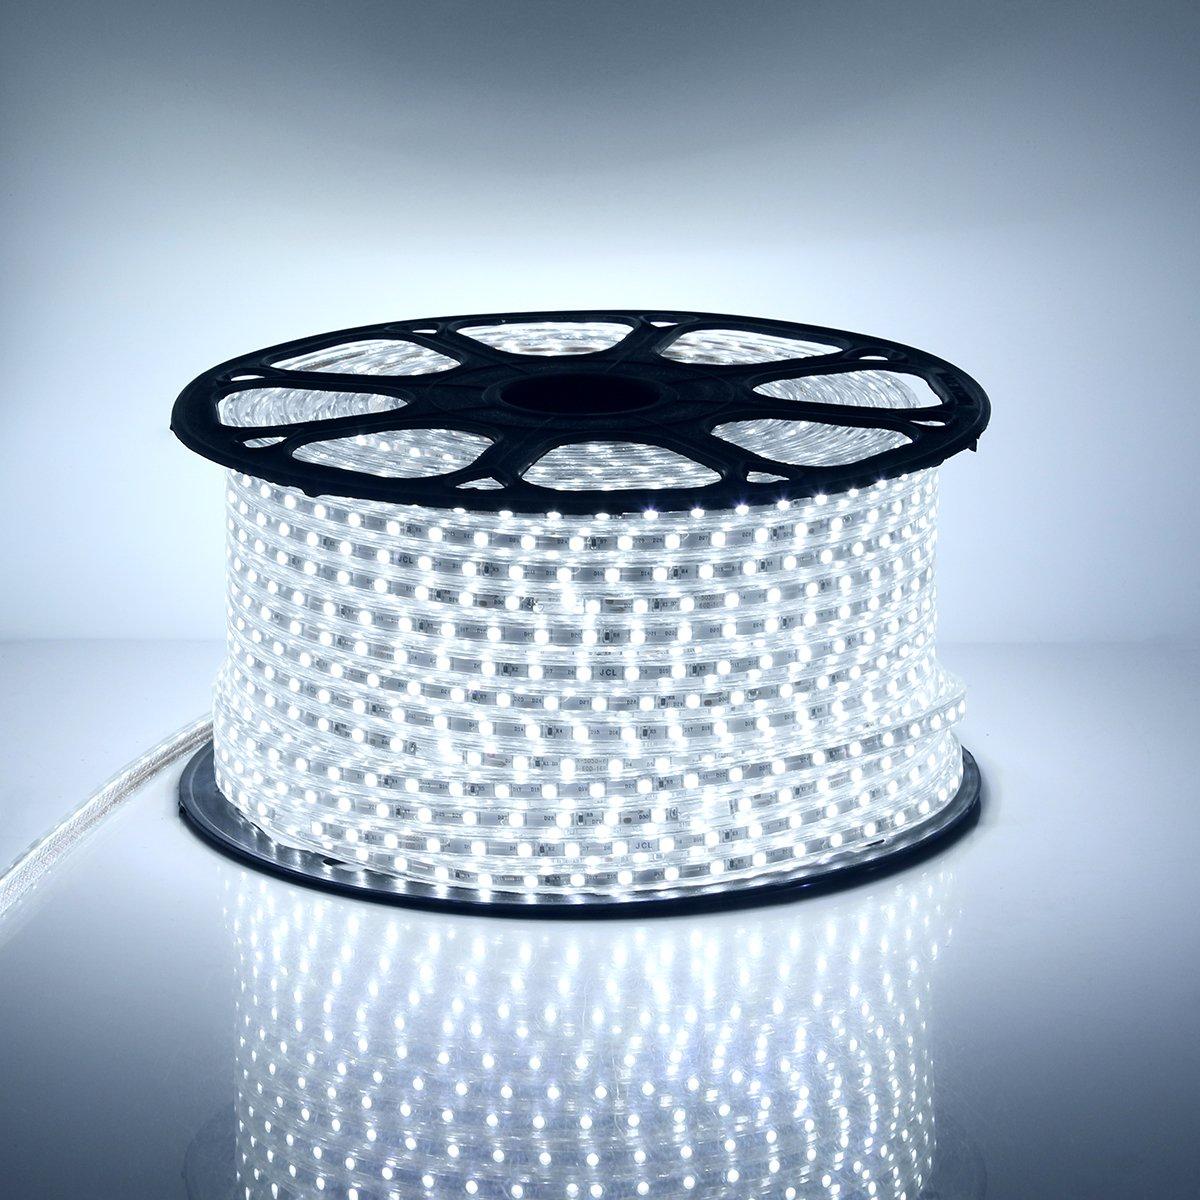 20M Kaltwei/ß GreenSun LED Lighting 5050 SMD LED Streifen Strip mit 23 Tasten Fernbedienung RF Controller Lichter 60 LEDs//M f/ür Zuhause Weihnachten Dekoratio